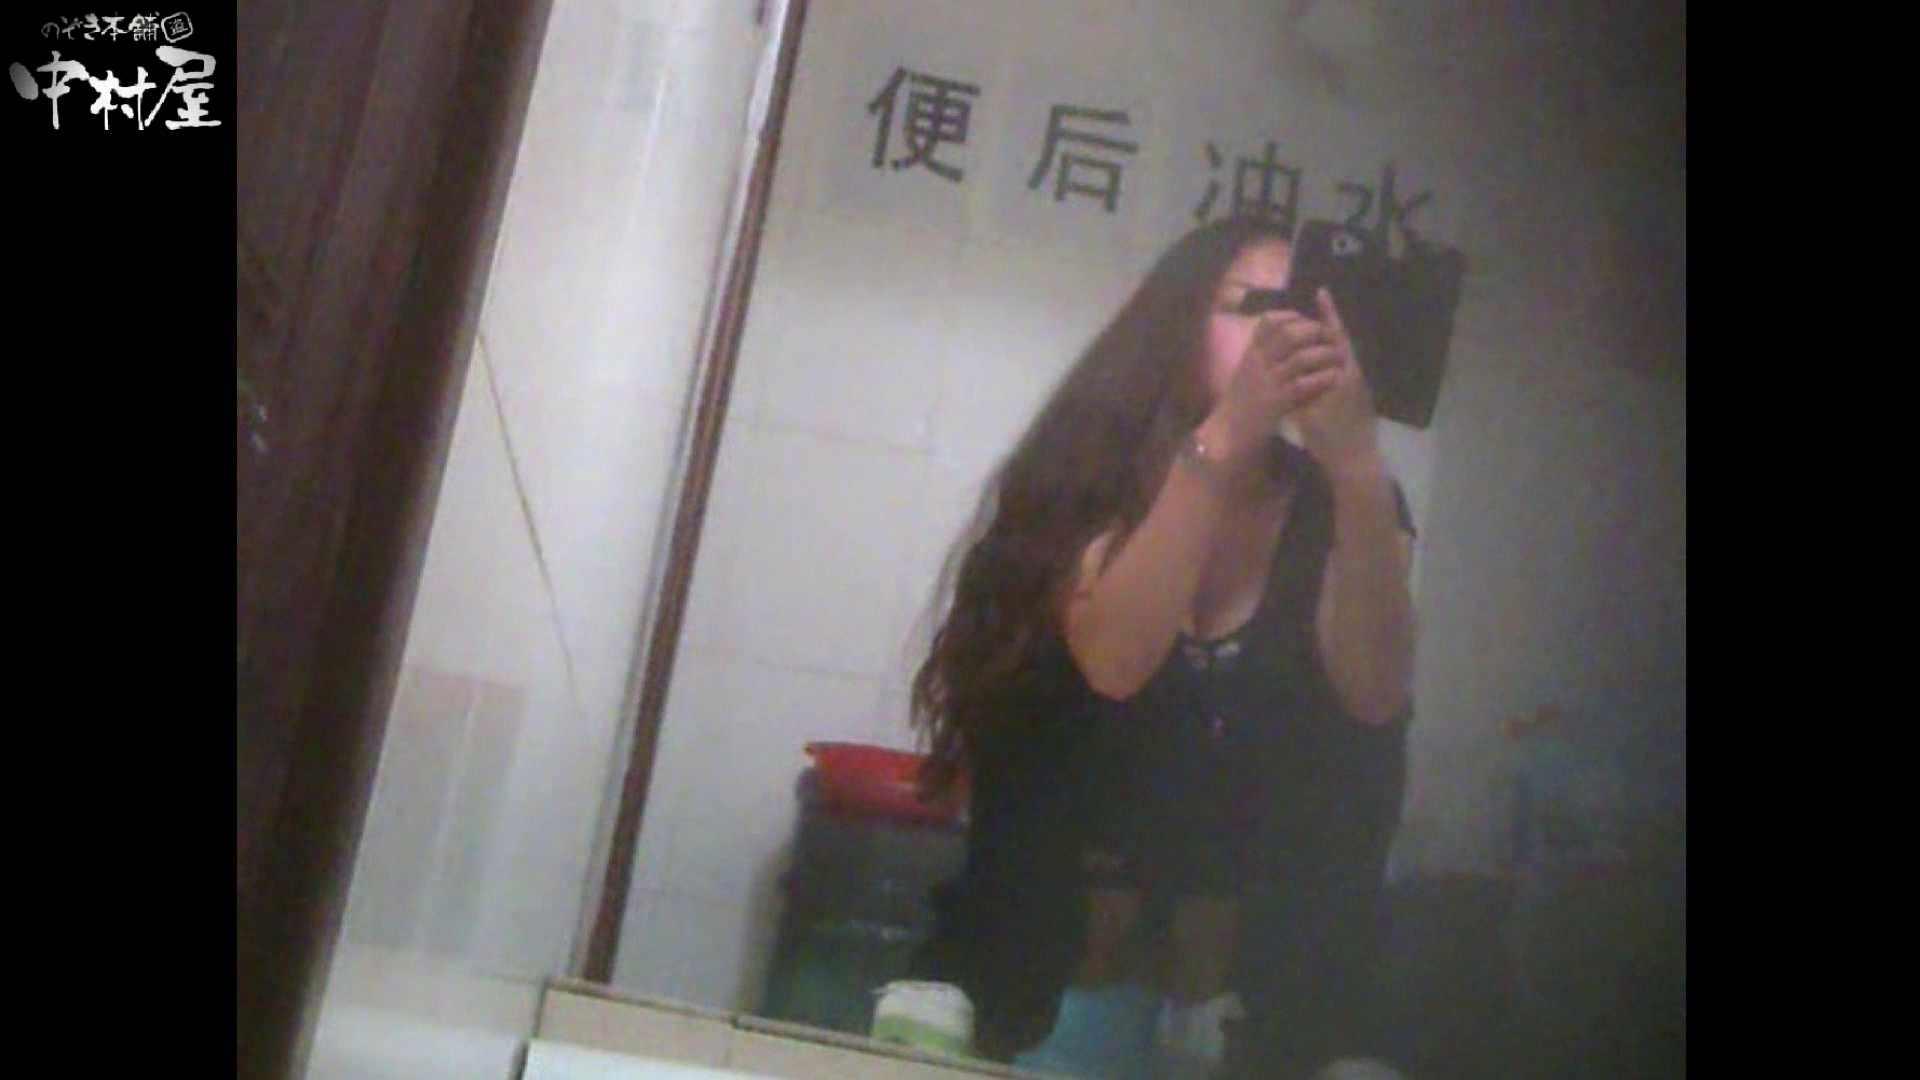 李さんの盗撮日記 Vol.03 トイレの中の女の子 セックス画像 77連発 40